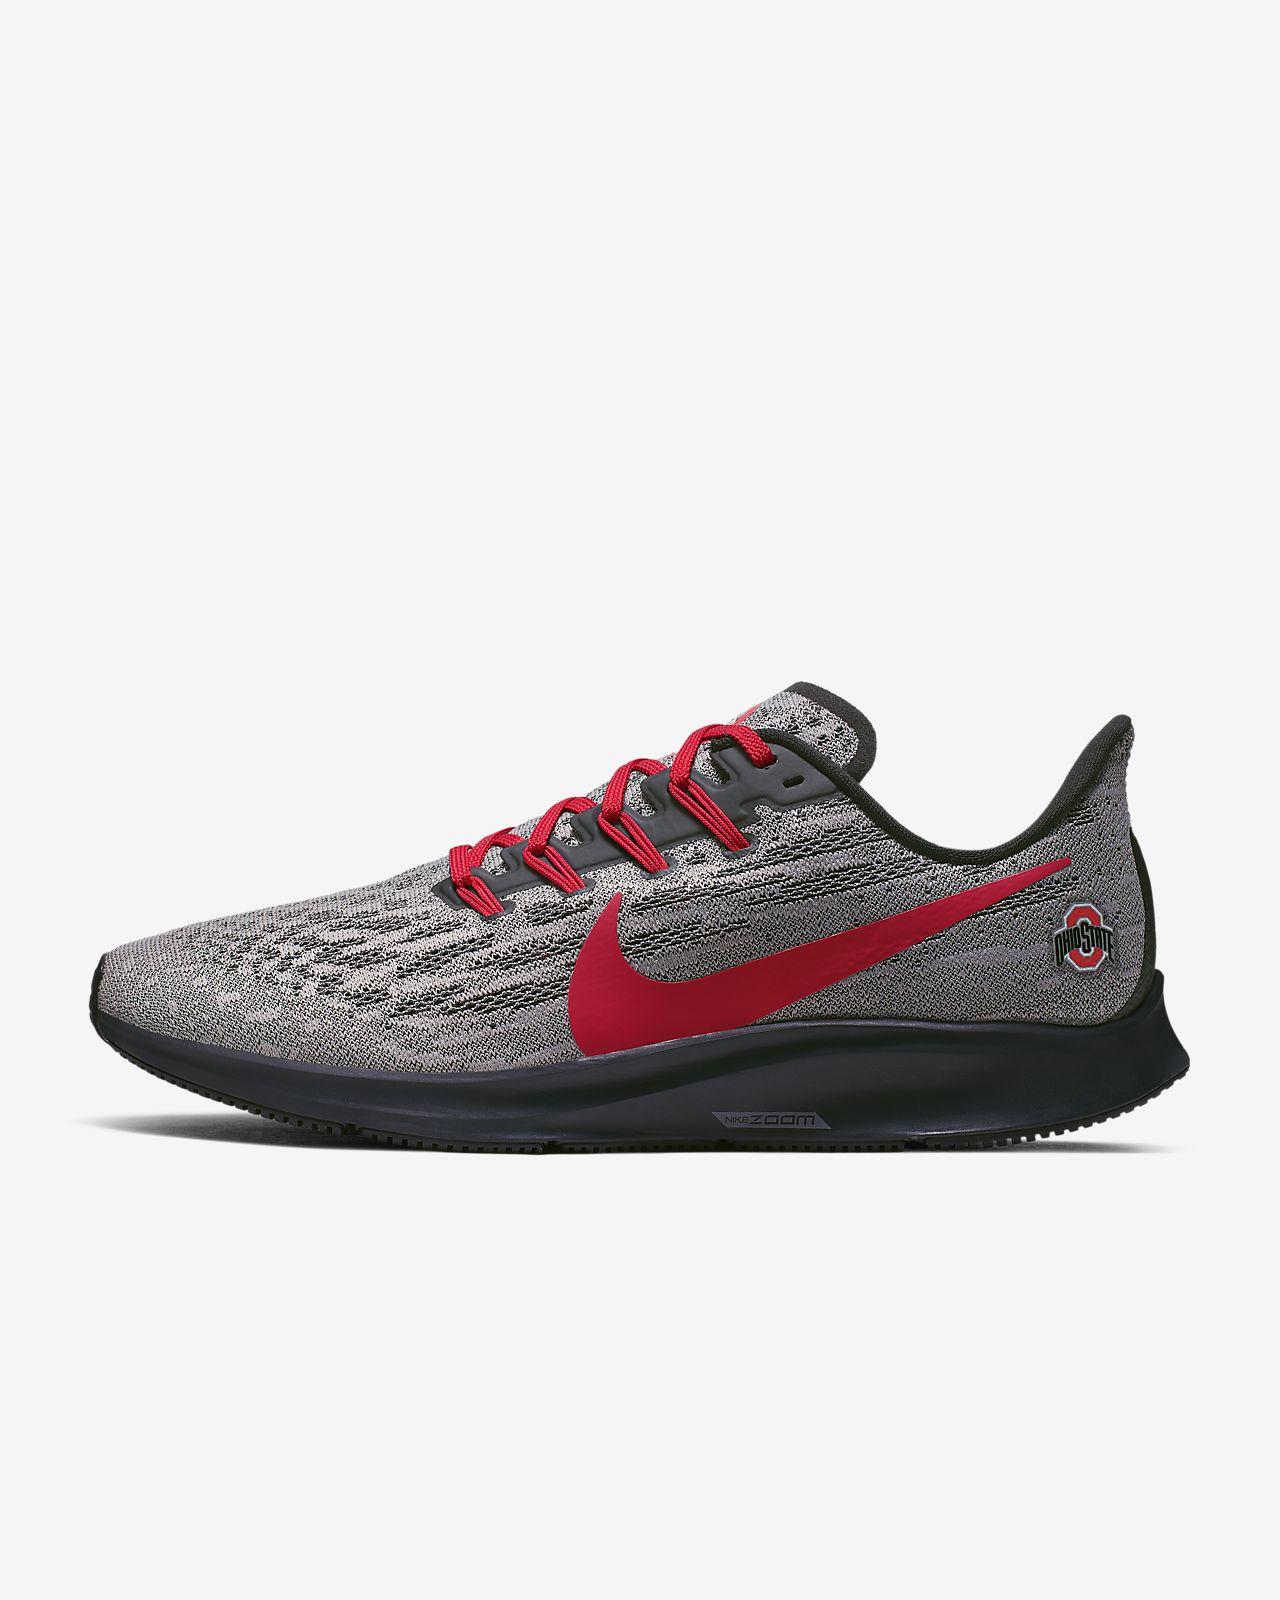 Nike Air Zoom Pegasus 36 (Ohio State) Men's Running Shoe